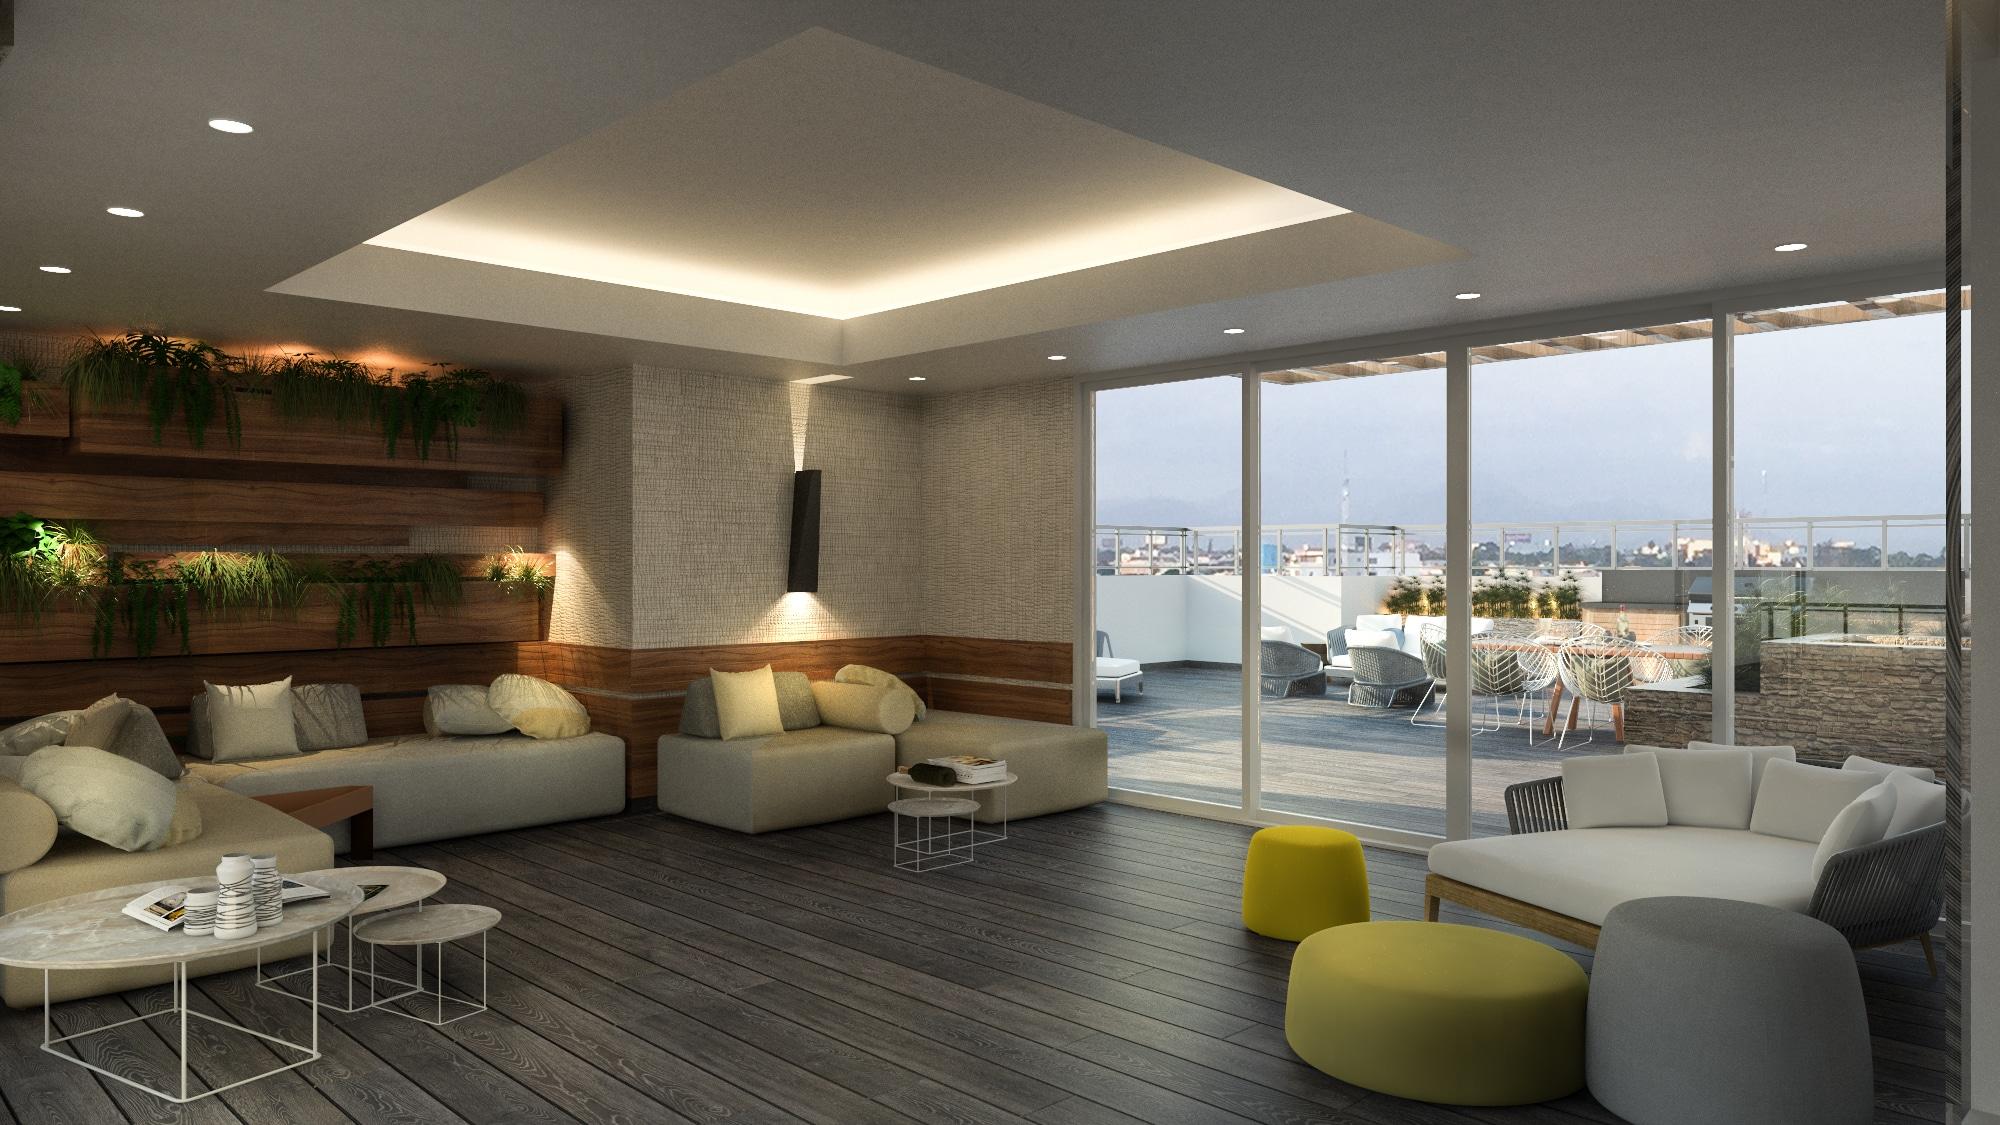 Apartamento en venta en Torre Moderna de Bella Vista nuevo a estrenar